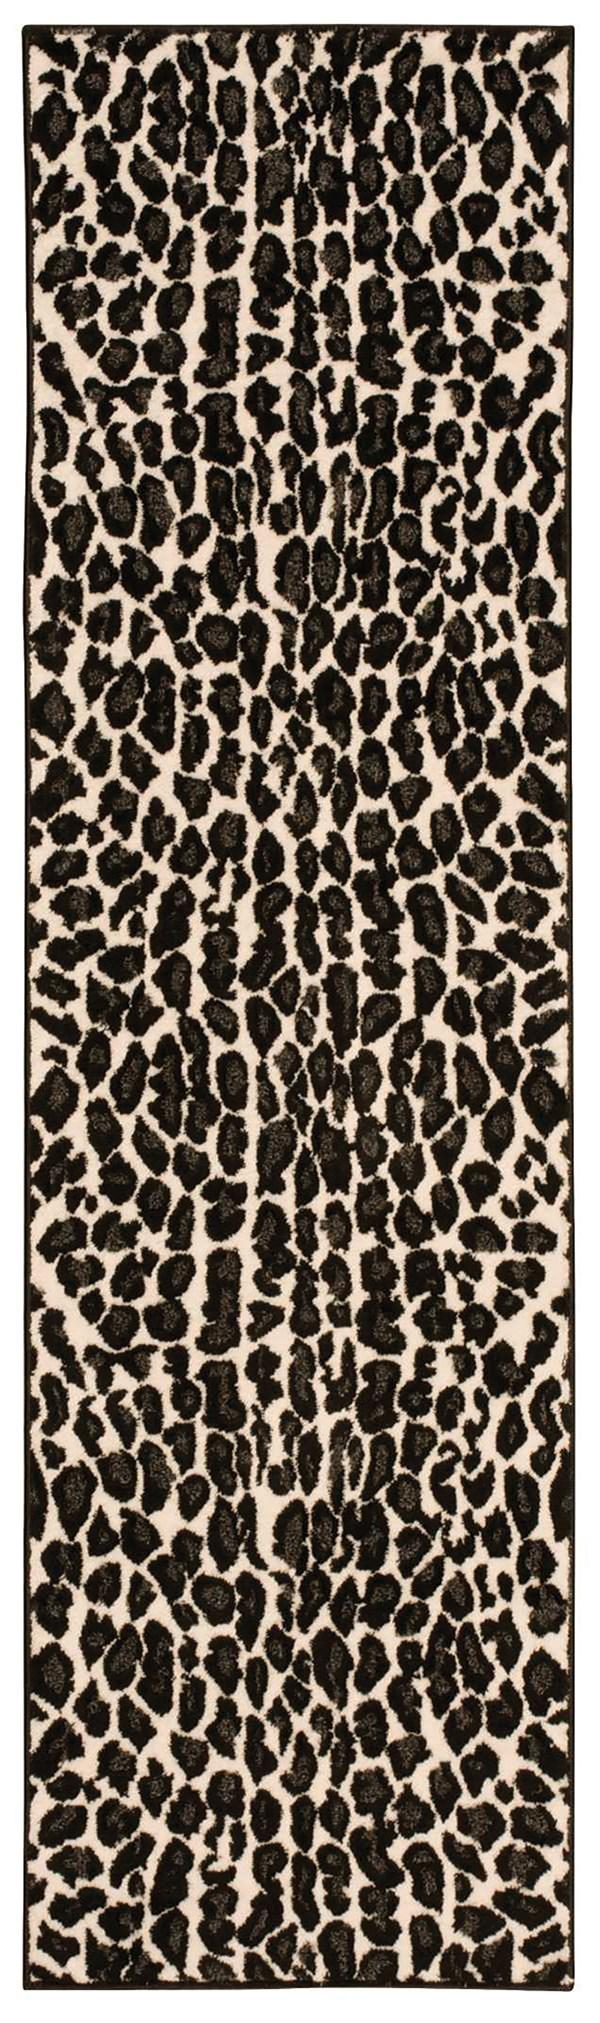 Ivory, Black Animals / Animal Skins Area Rug